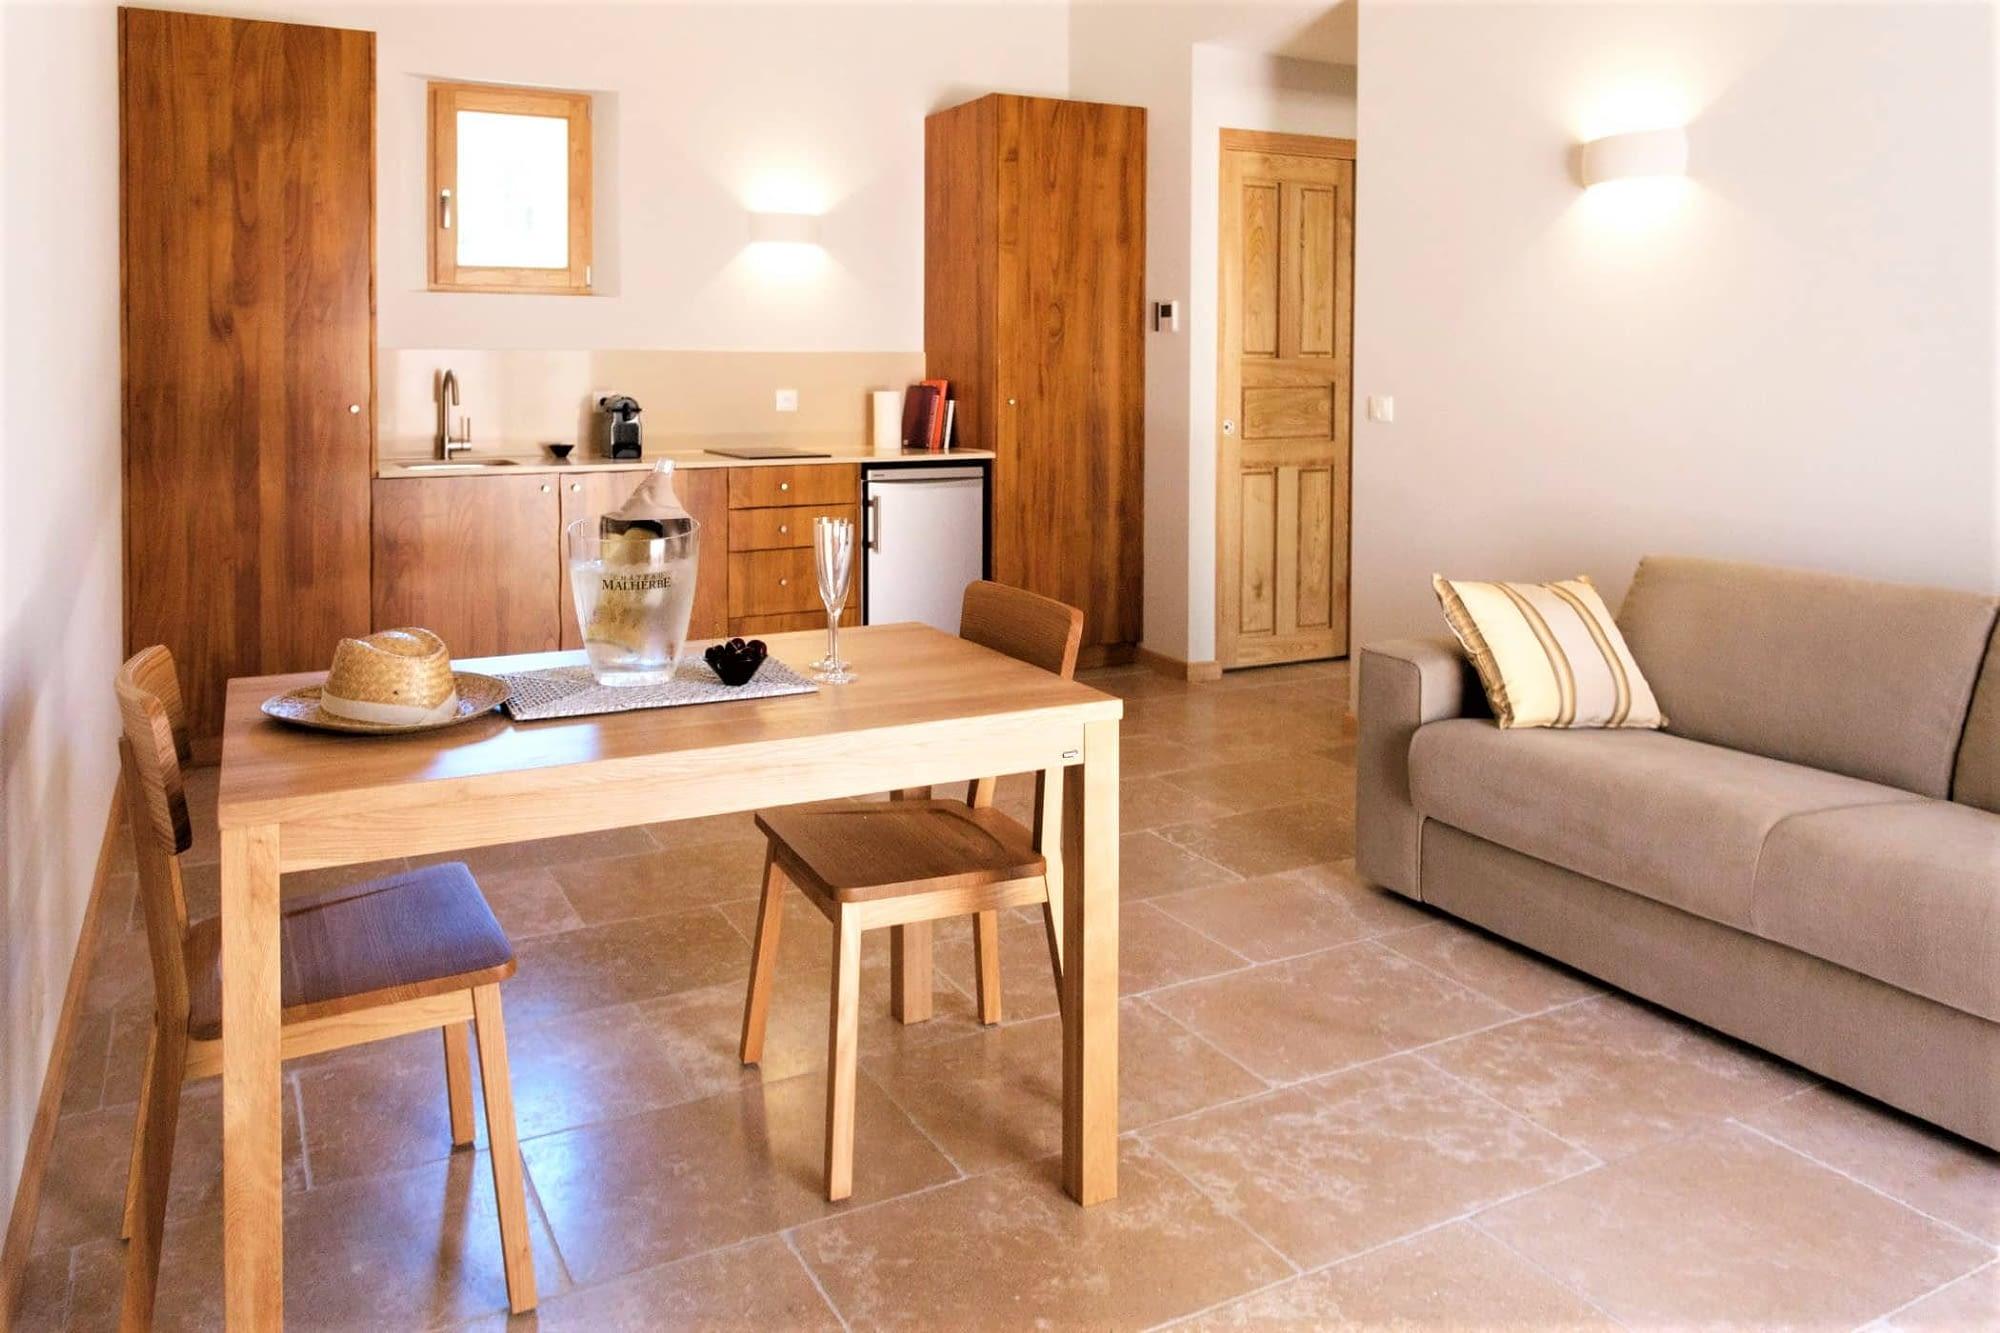 Salon salle à manger et cuisine dans Le citronnier / Dining room and kitchen in the house Le citronnier